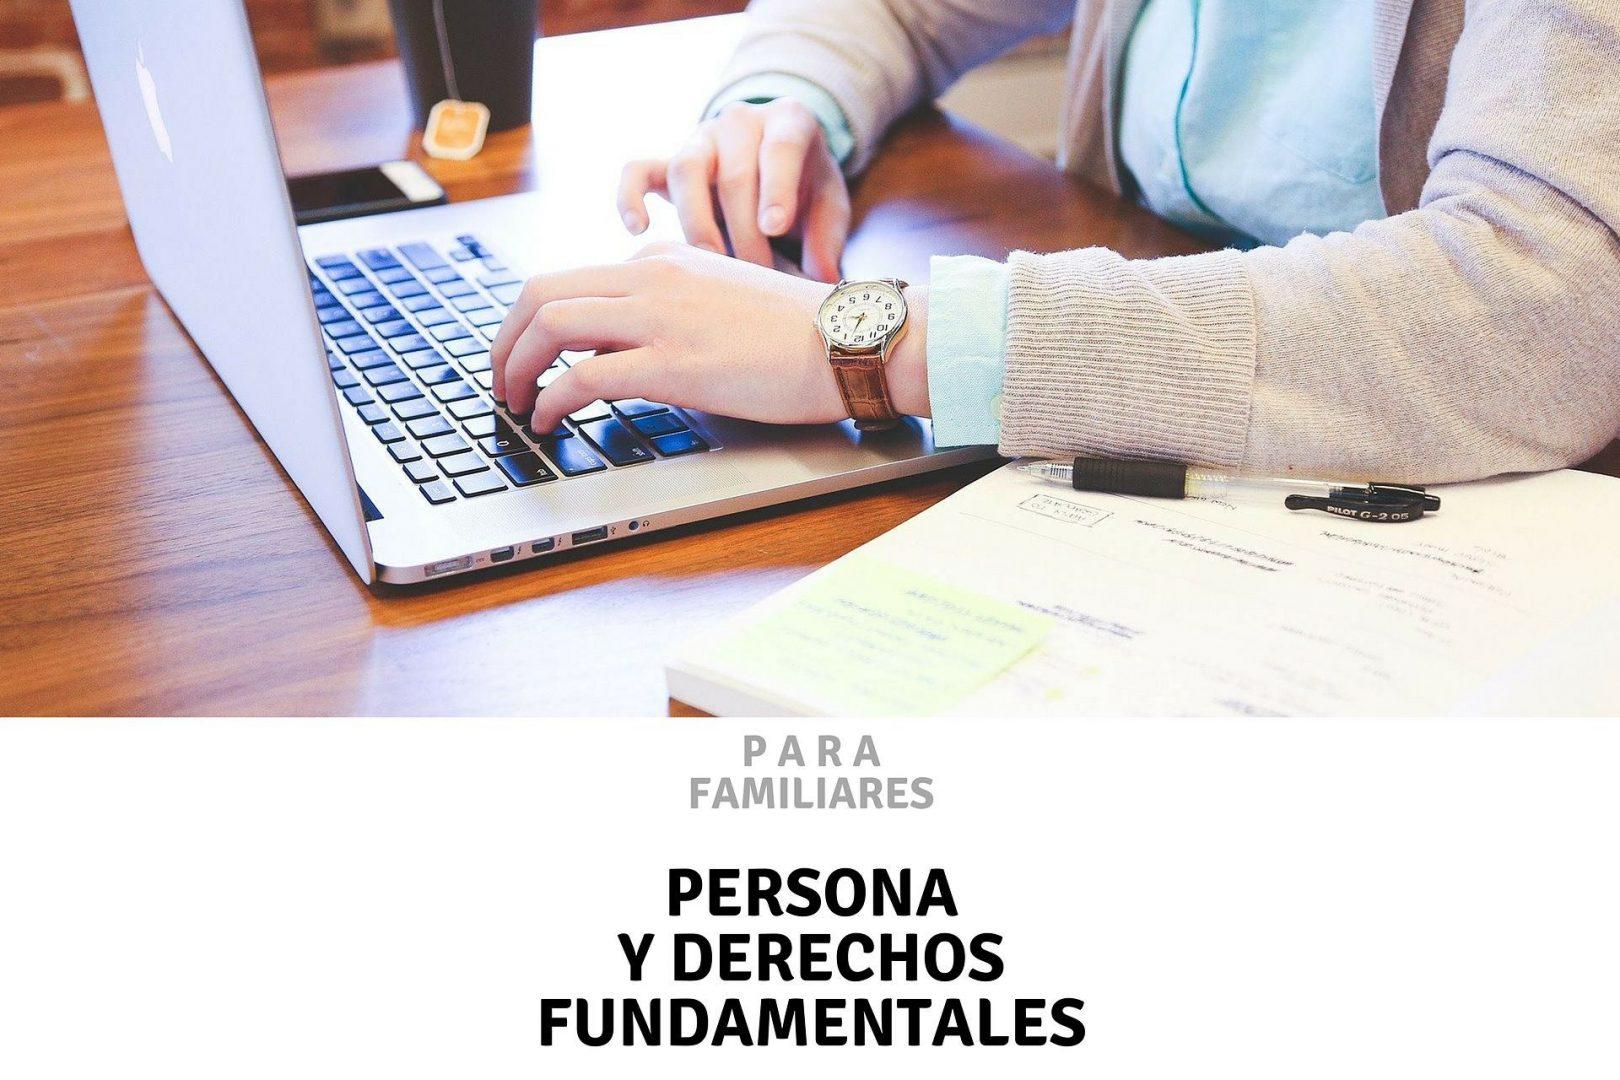 Persona, Personalidad y Derechos Fundamentales